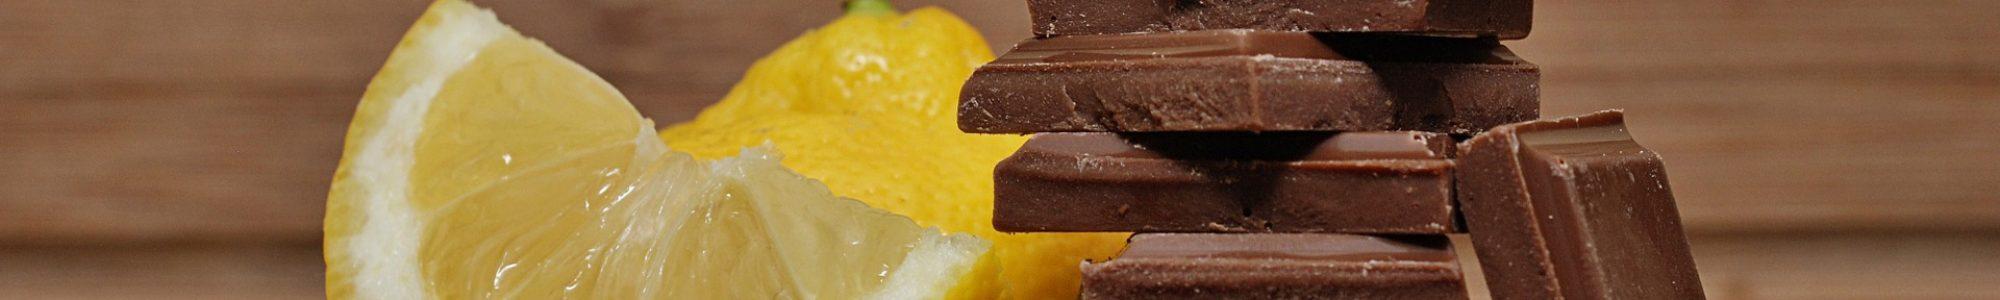 chocolat et fruits confits